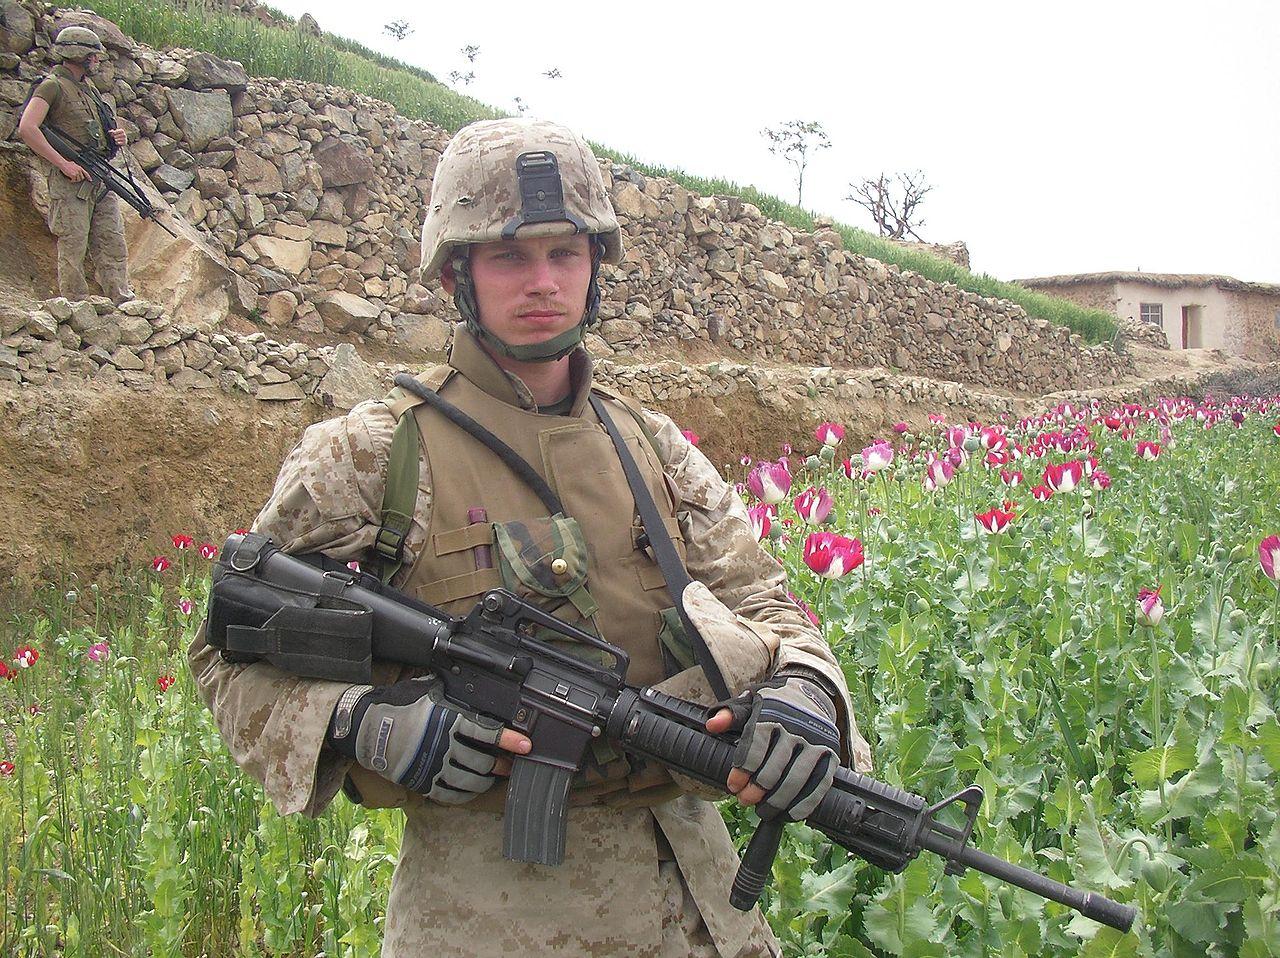 Một thủy quân lục chiến Mỹ trên cánh đồng thuốc phiện tại Afghanistan. (Ảnh: Wikipedia)